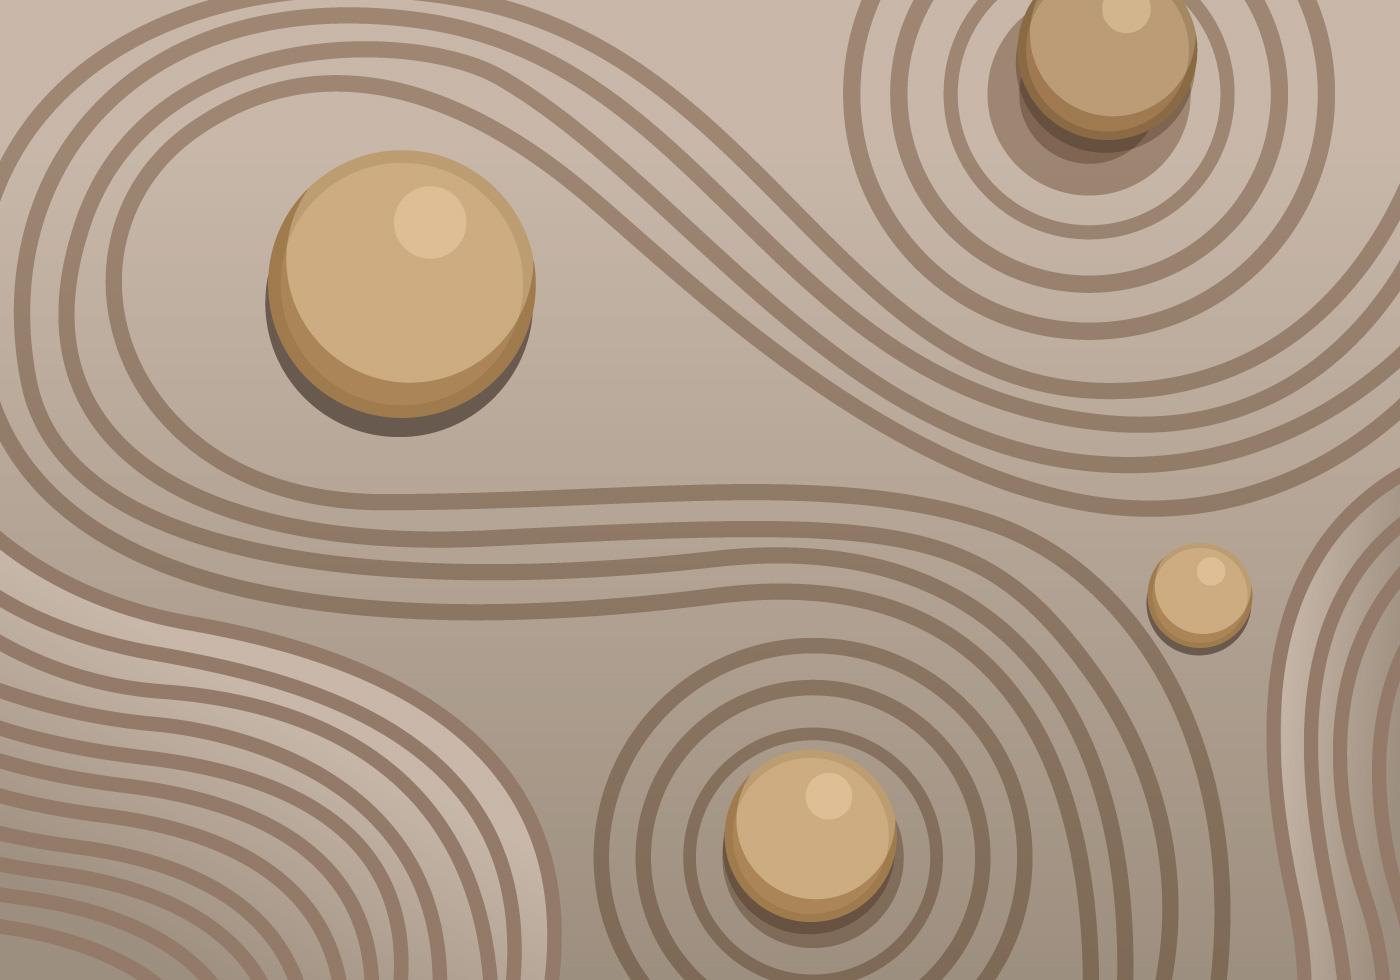 Zen garden sand vector - Download Free Vector Art, Stock